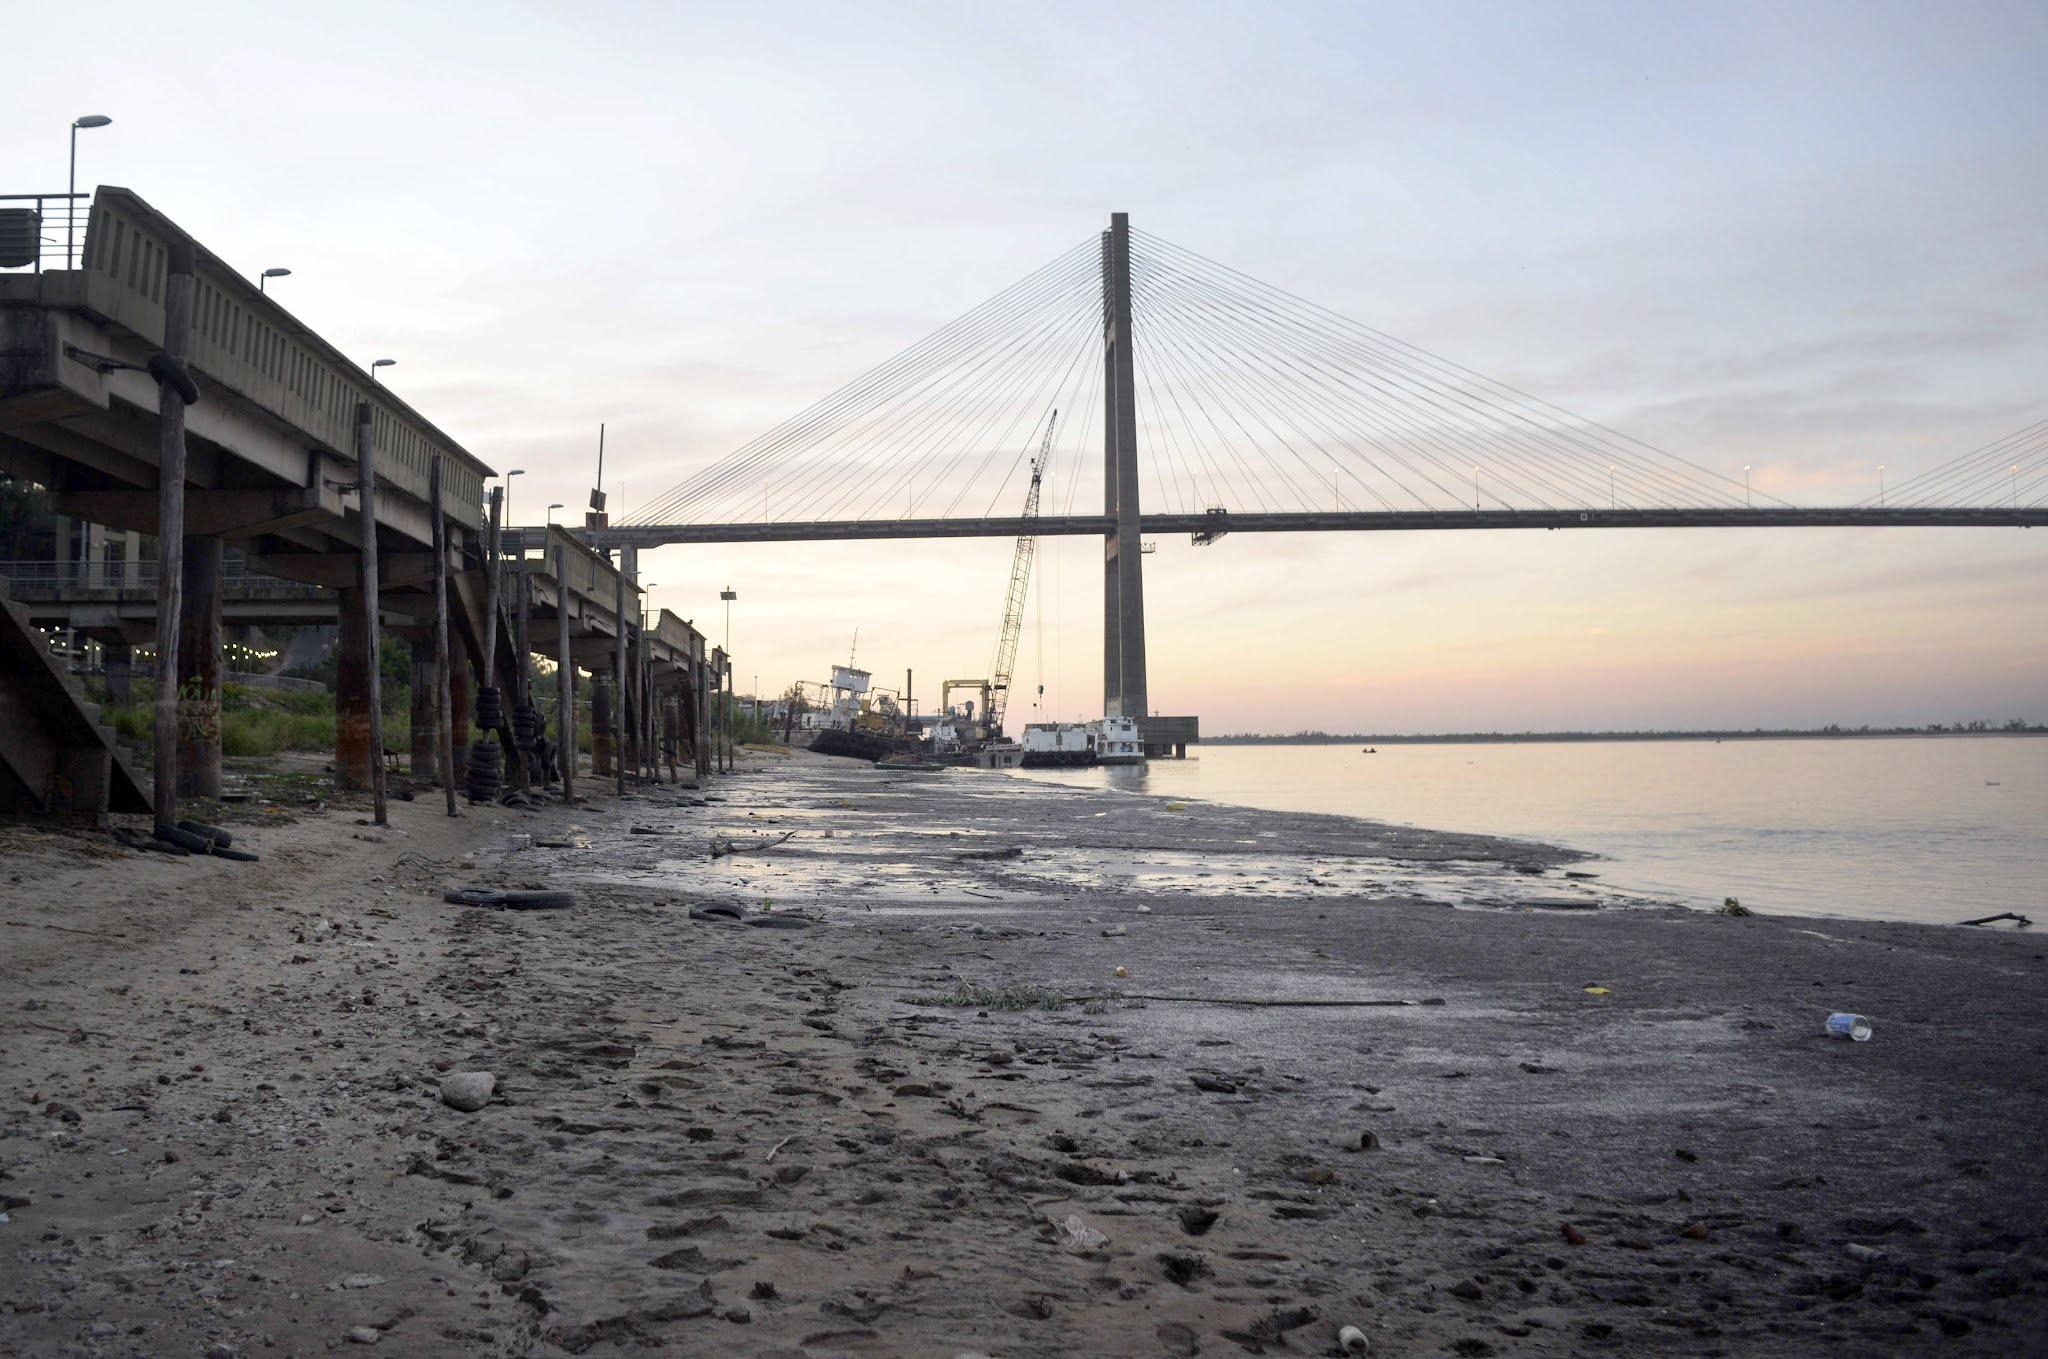 El Gobierno decretó la emergencia hídrica por la bajante del río Paraná